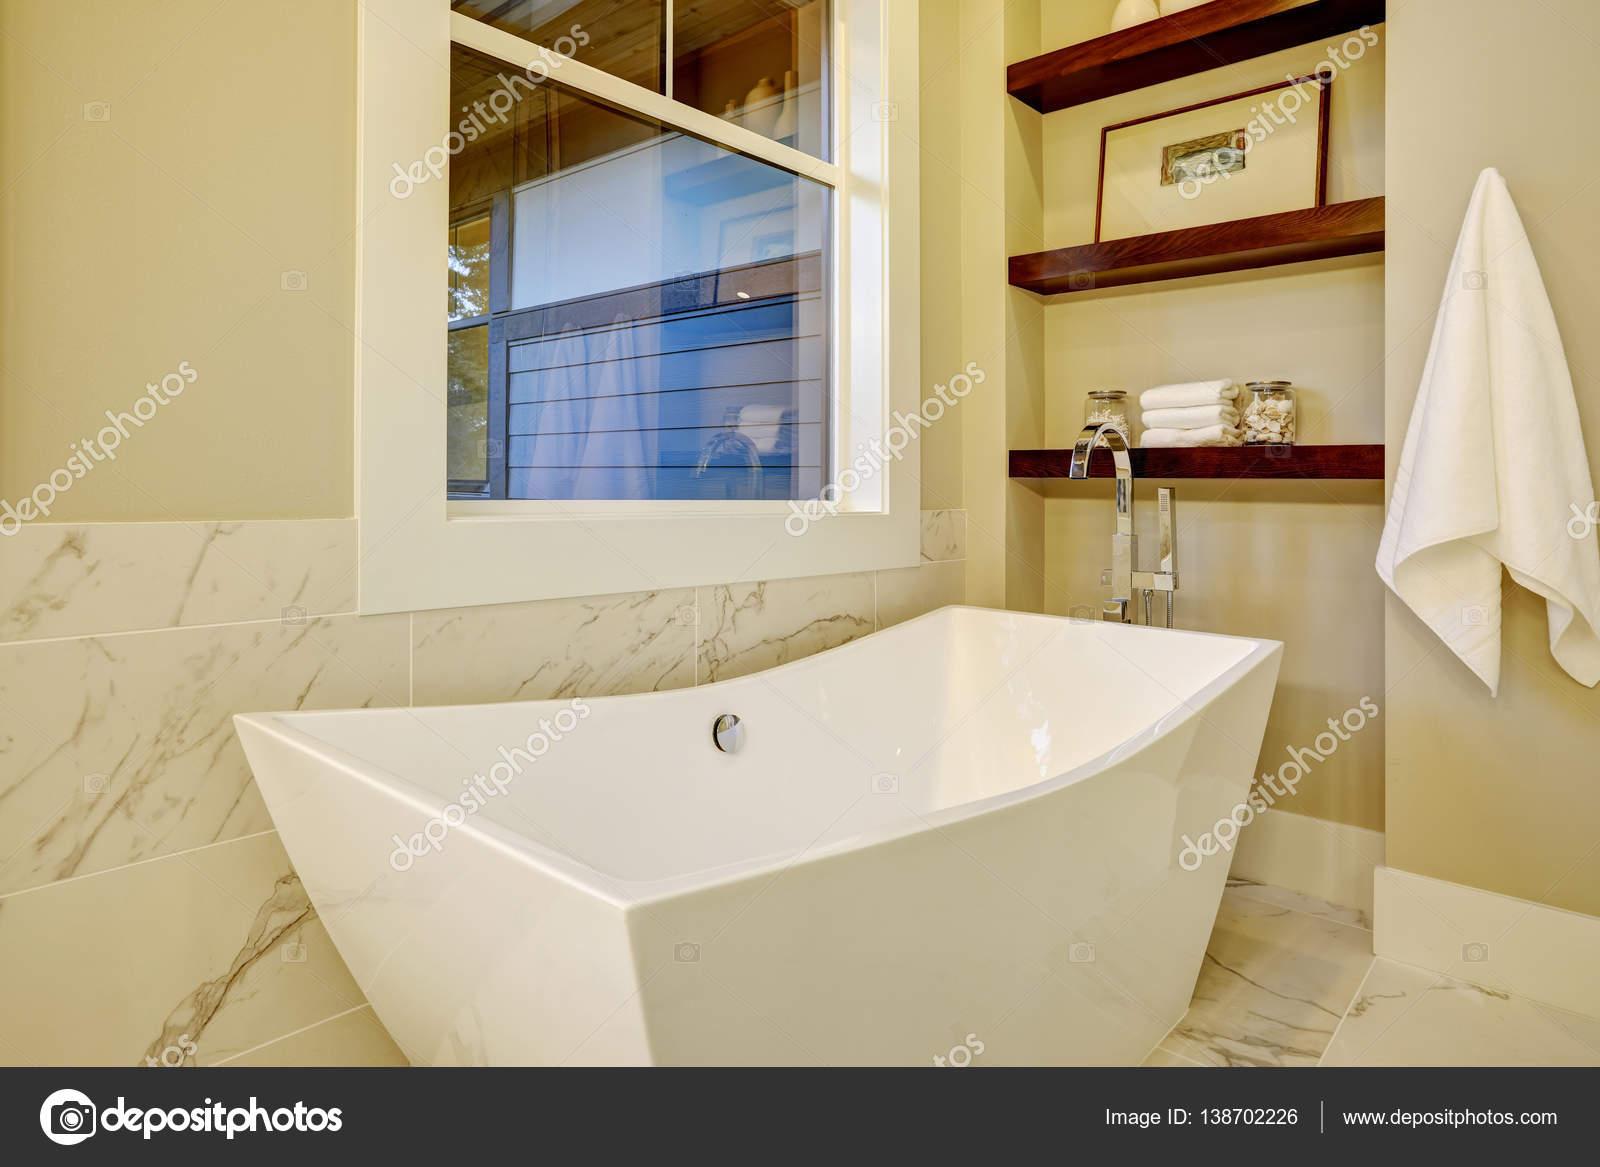 Rechthoekig Ontwerp Badkamer : Hoekje van de verfijnde badkamer met vrijstaand bad u2014 stockfoto